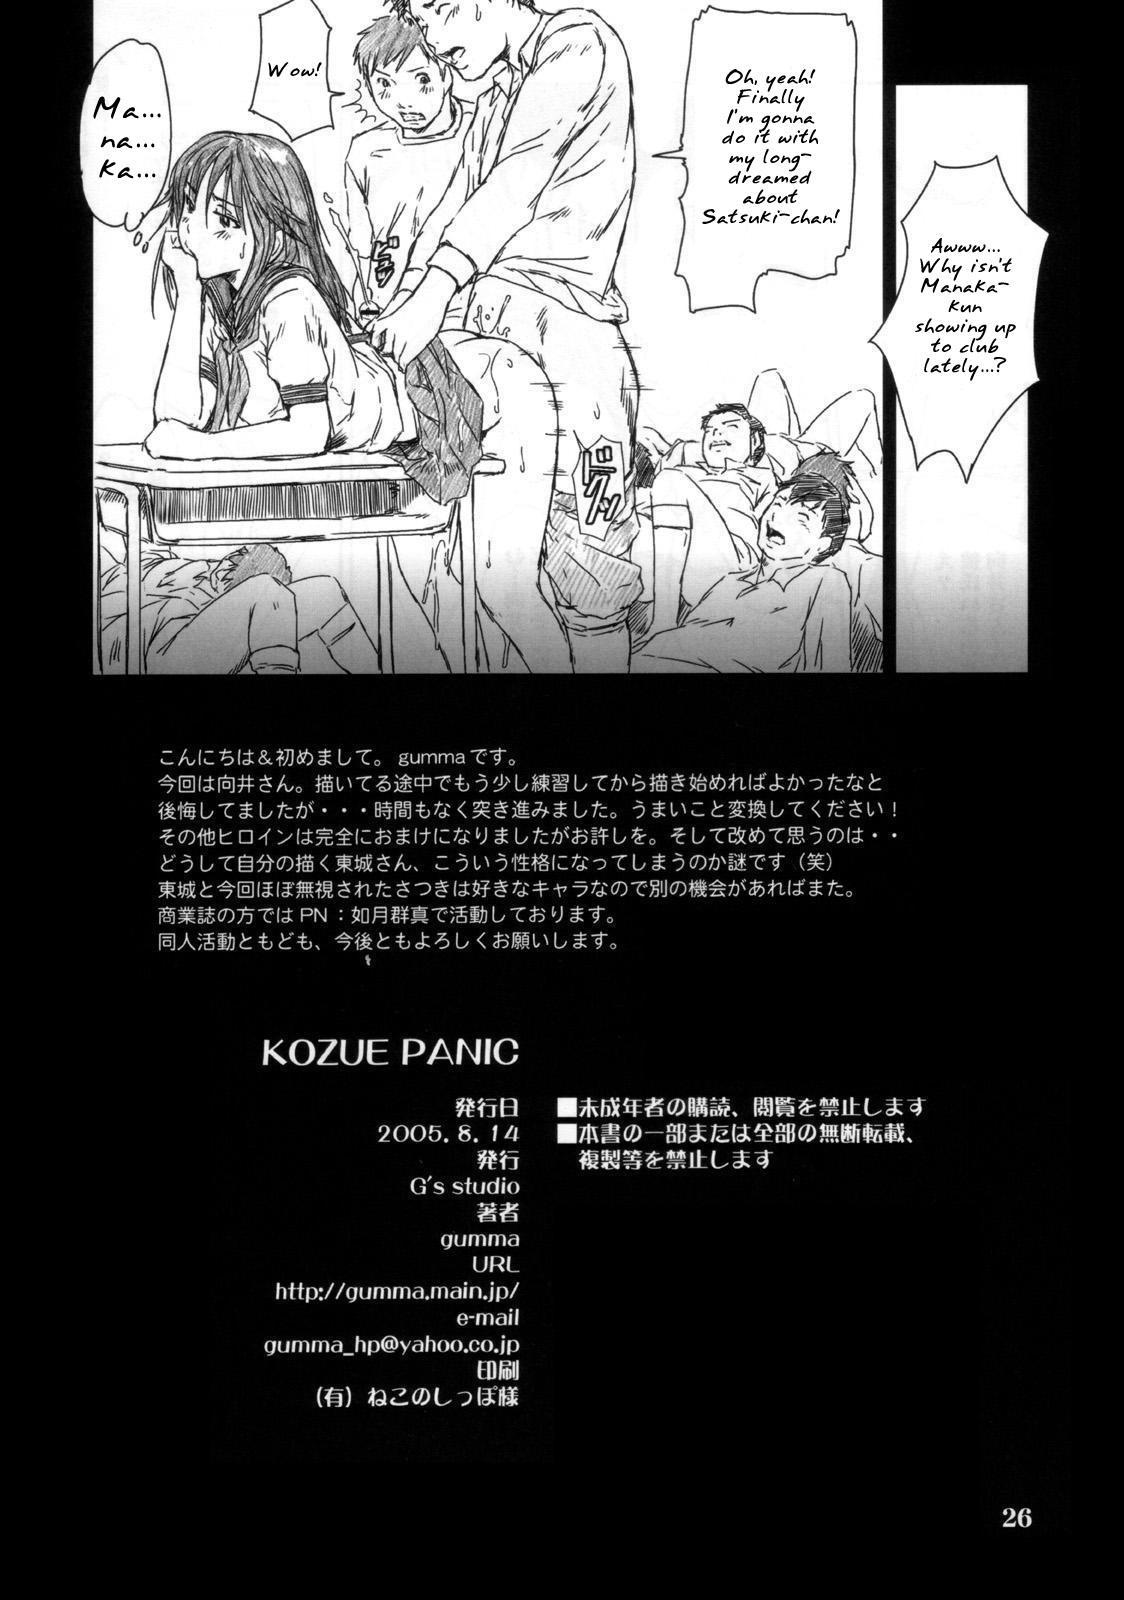 Kozue Panic 24